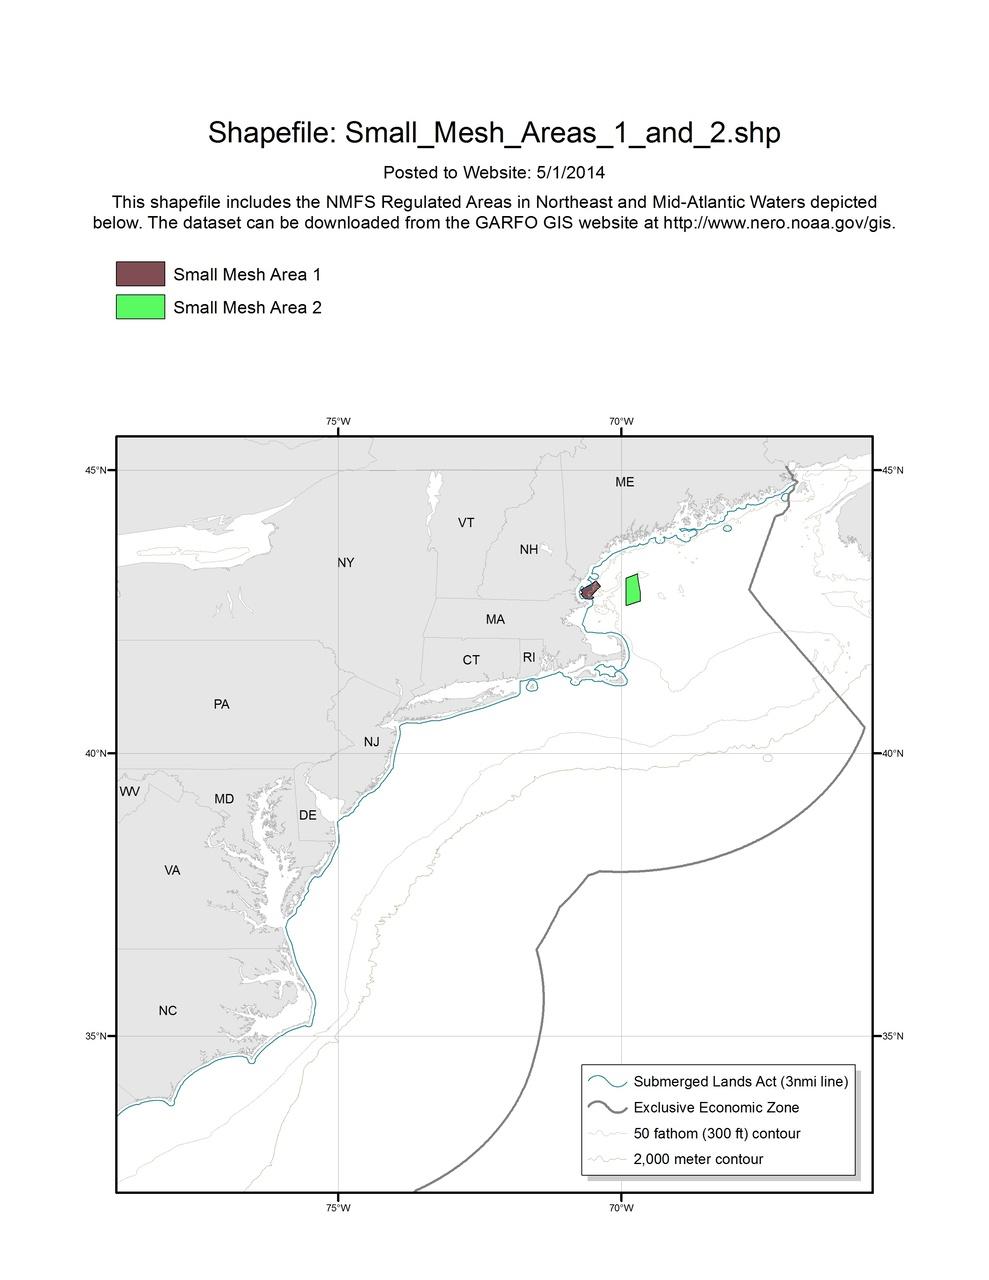 Small-Mesh-Areas-1-and-2-MAP-NOAA-GARFO.jpg